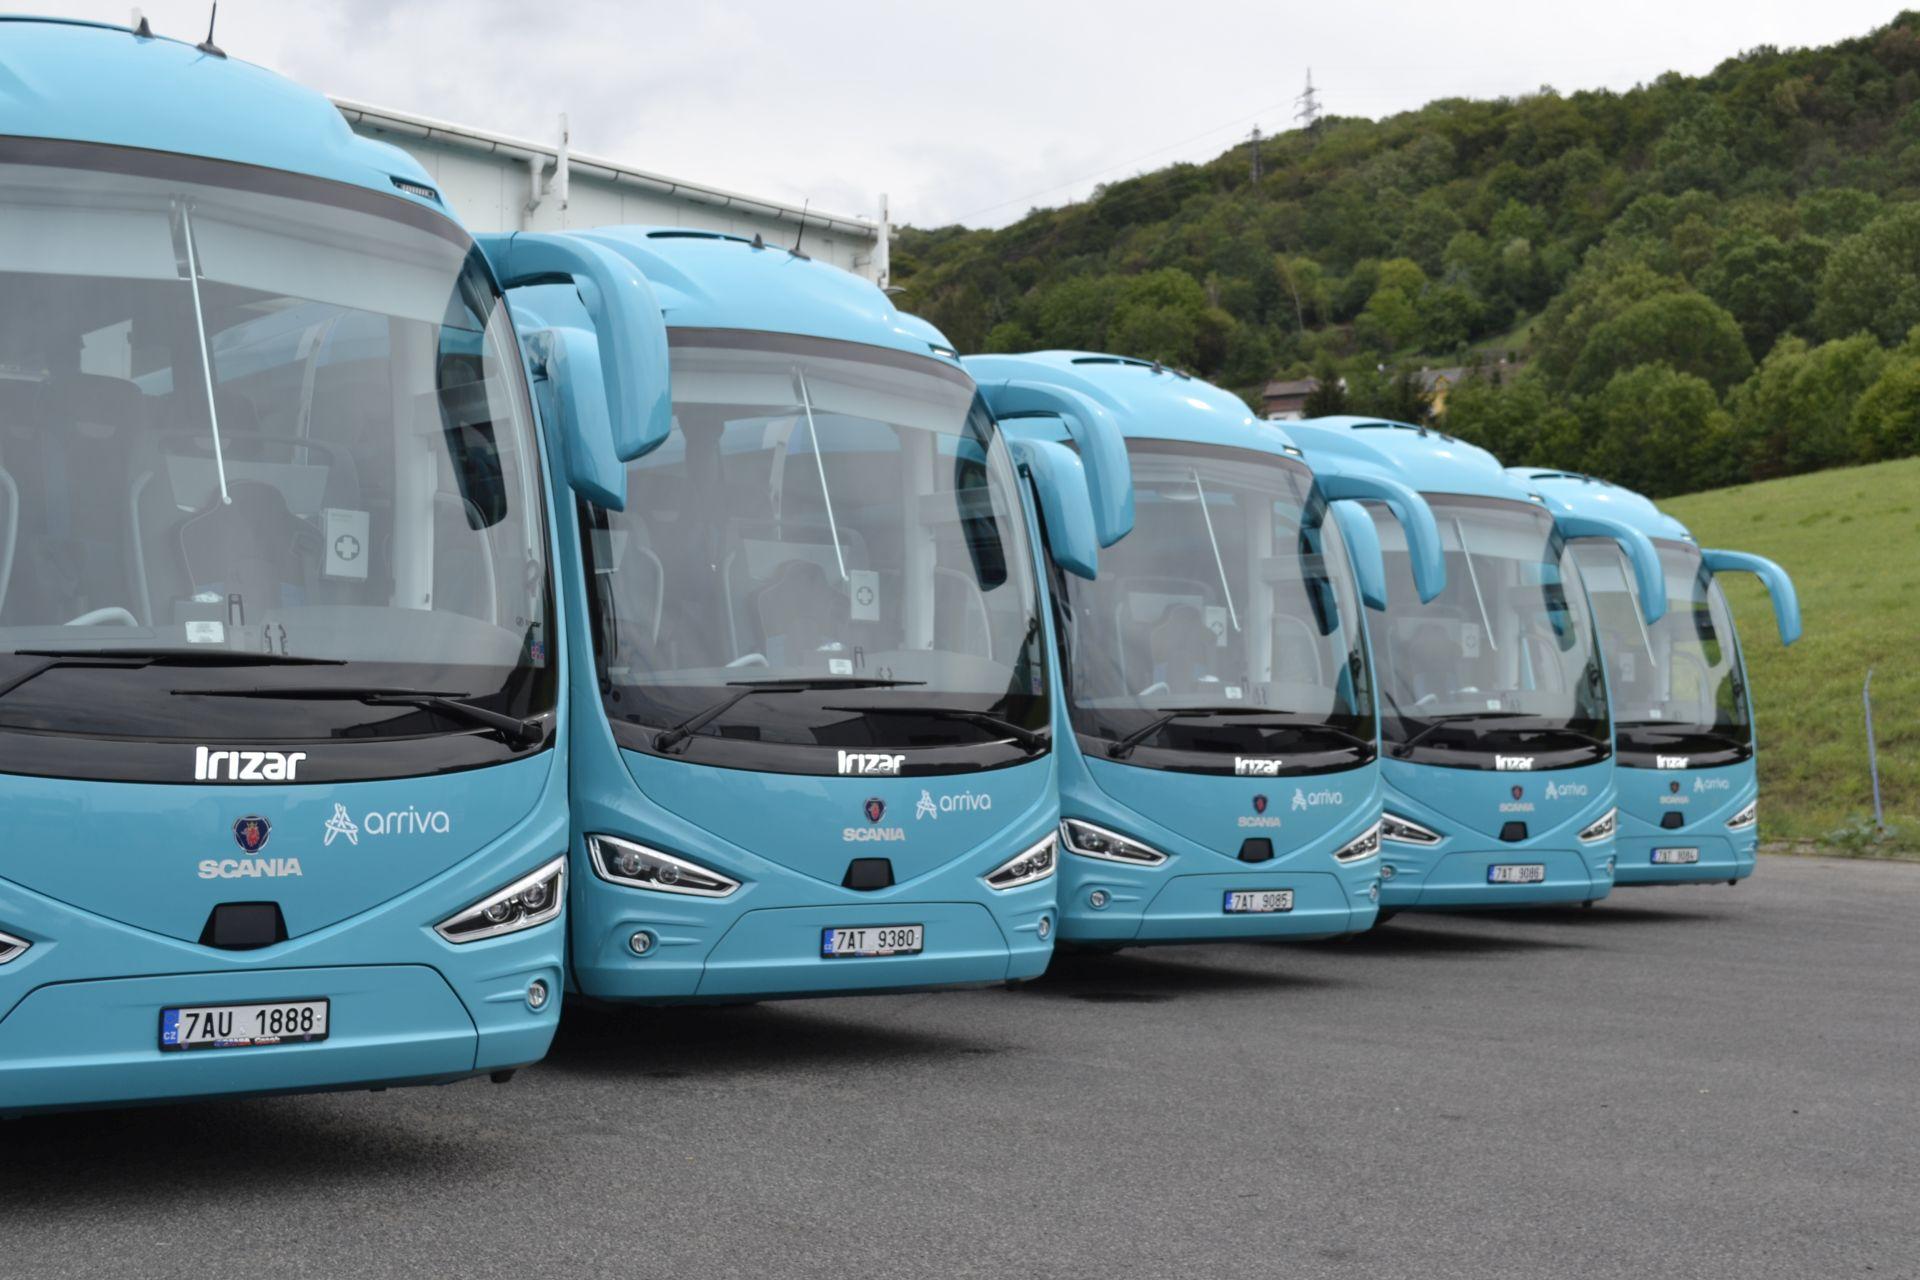 Autobusy Scania Irizar i6 v korporátním nátěru Arriva Express. Foto: Arriva